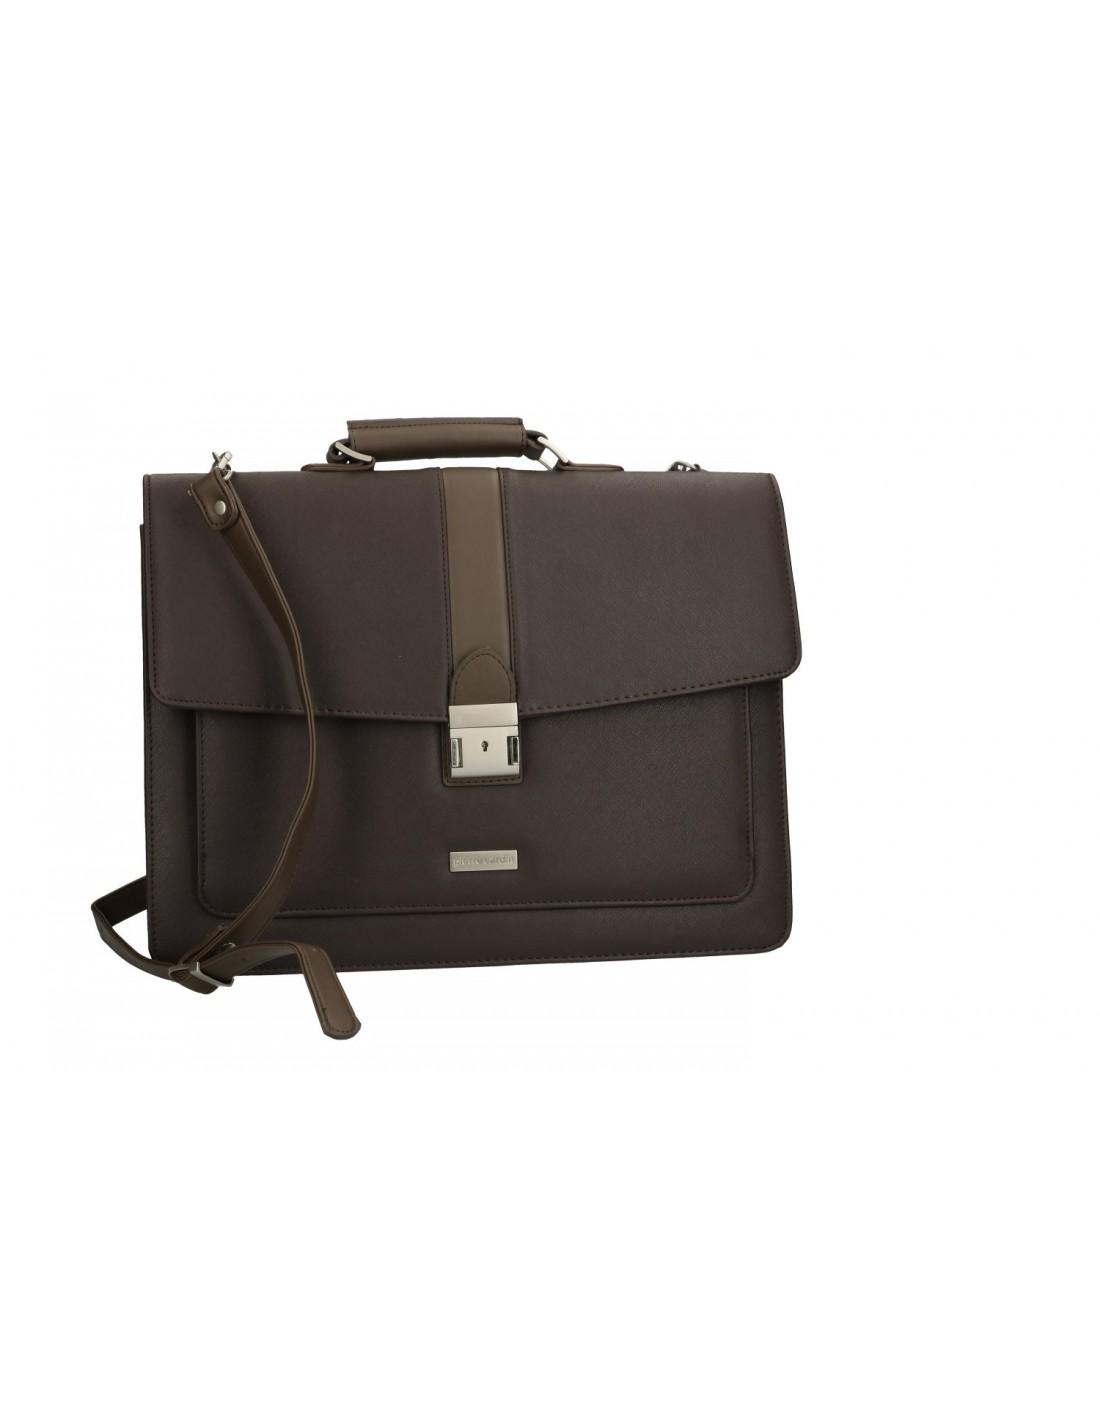 ca2d0a0fa5 Cartella professionale PIERRE CARDIN borsa ufficio portadocumenti  1/10347_INN01